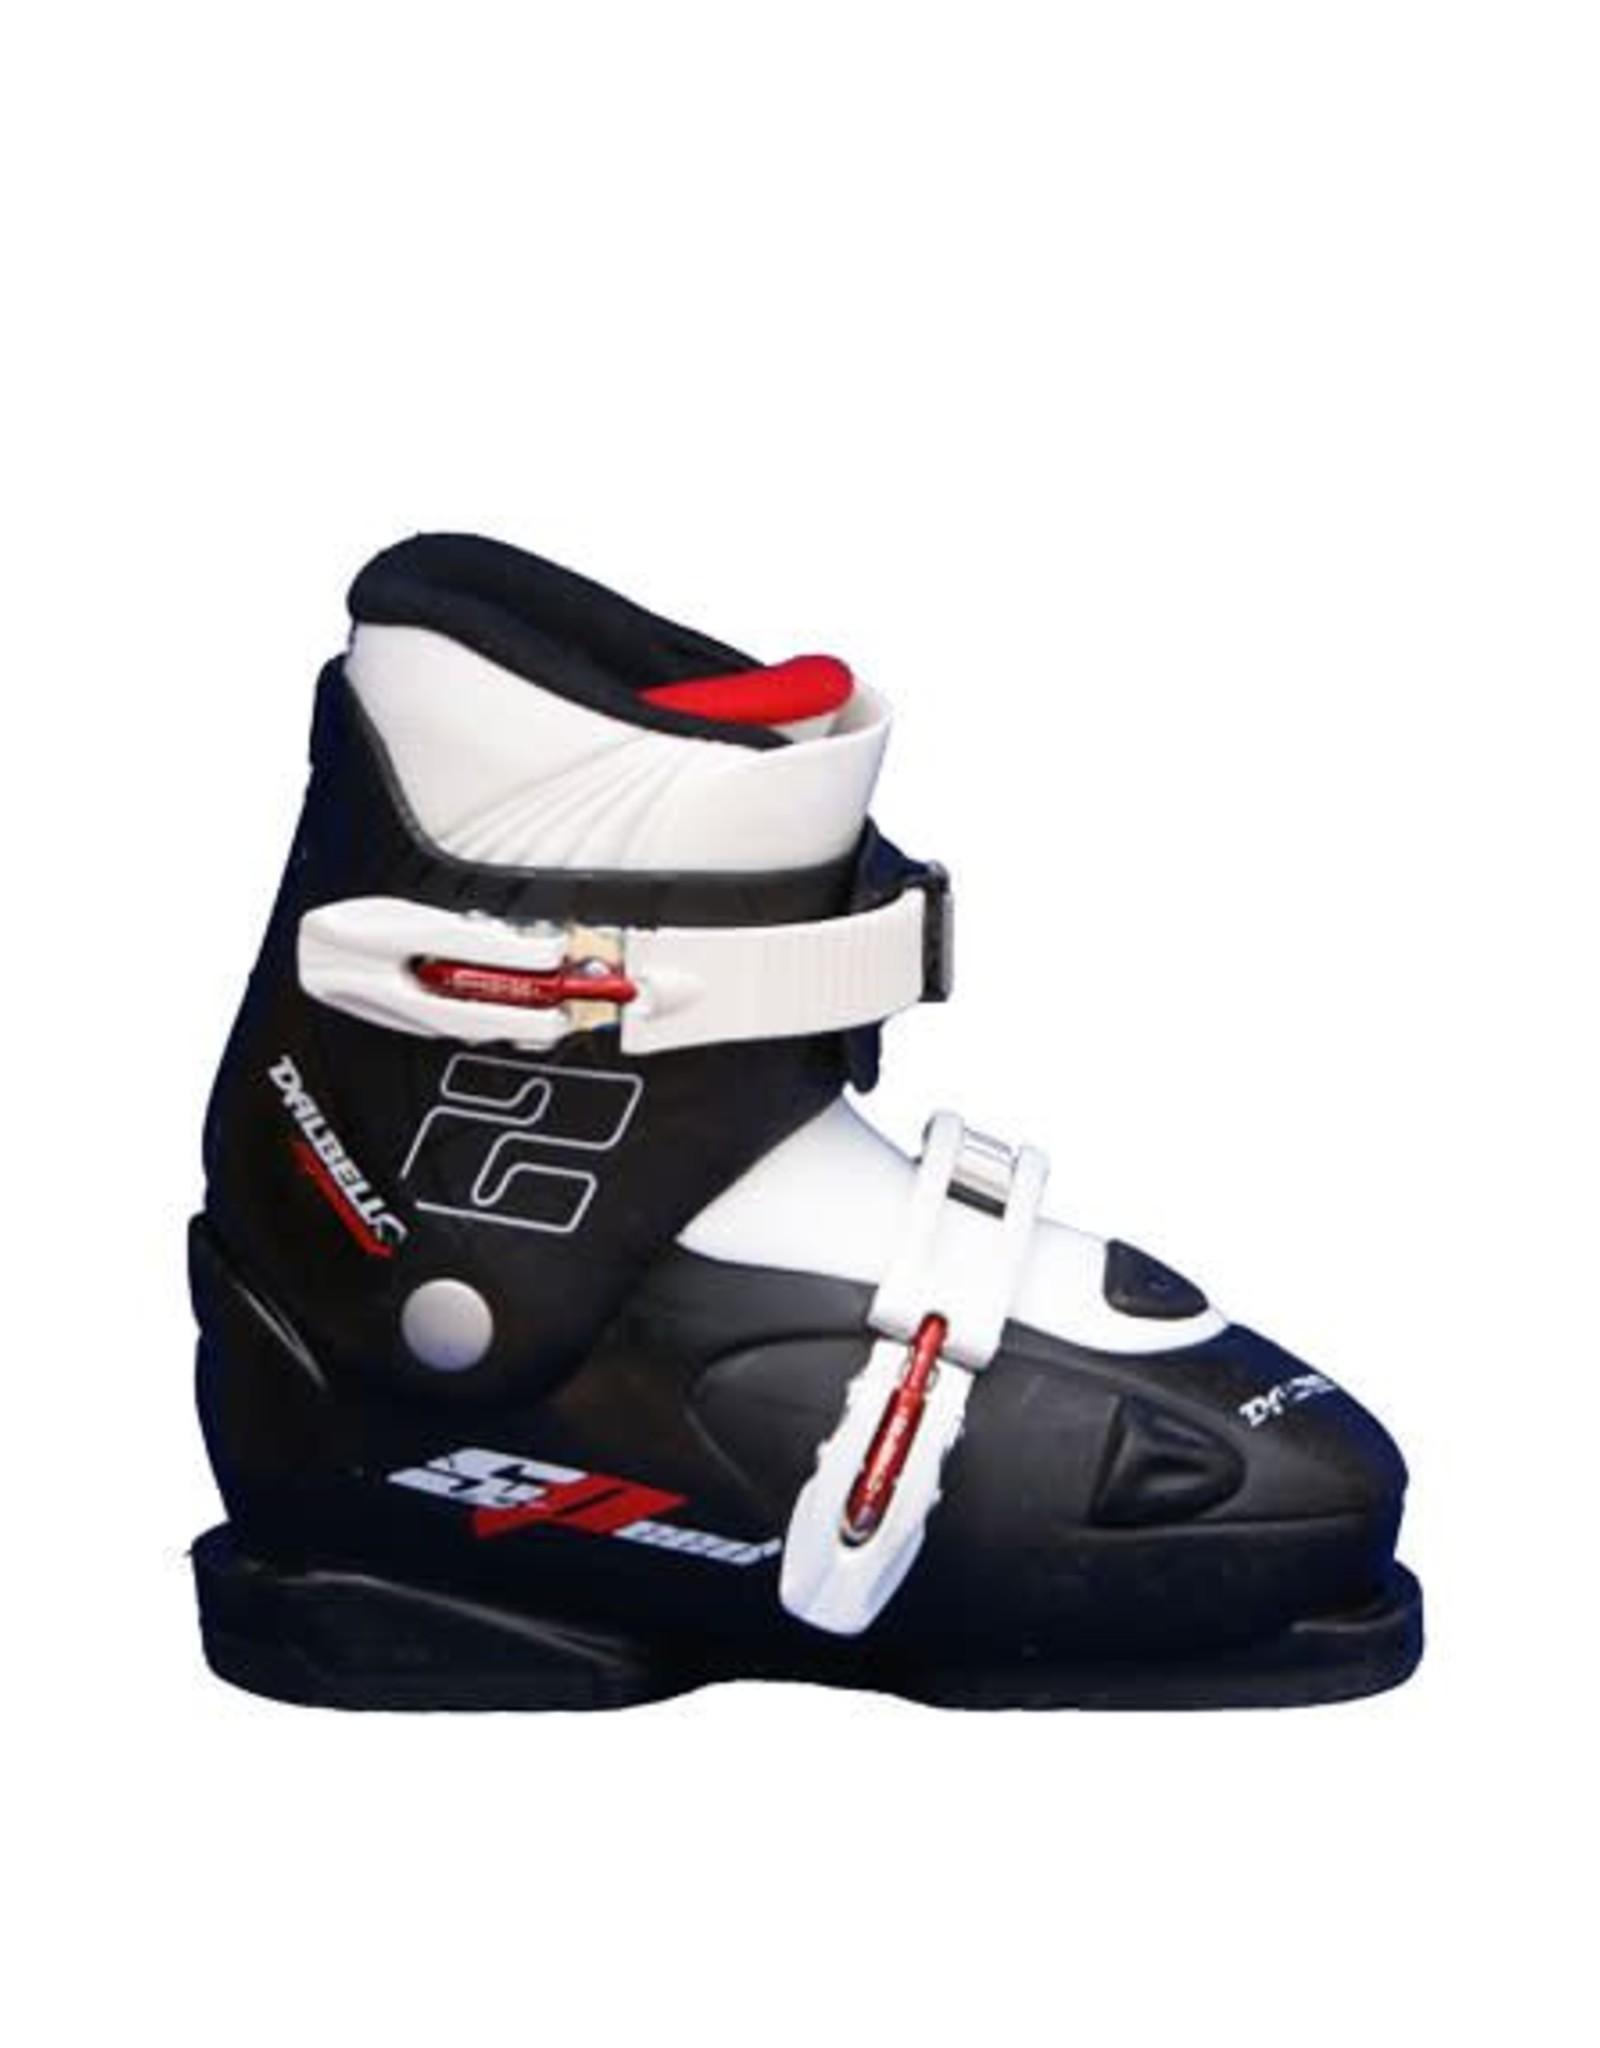 DALBELLO Skischoenen DALBELLO Speed 2 Gebruikt